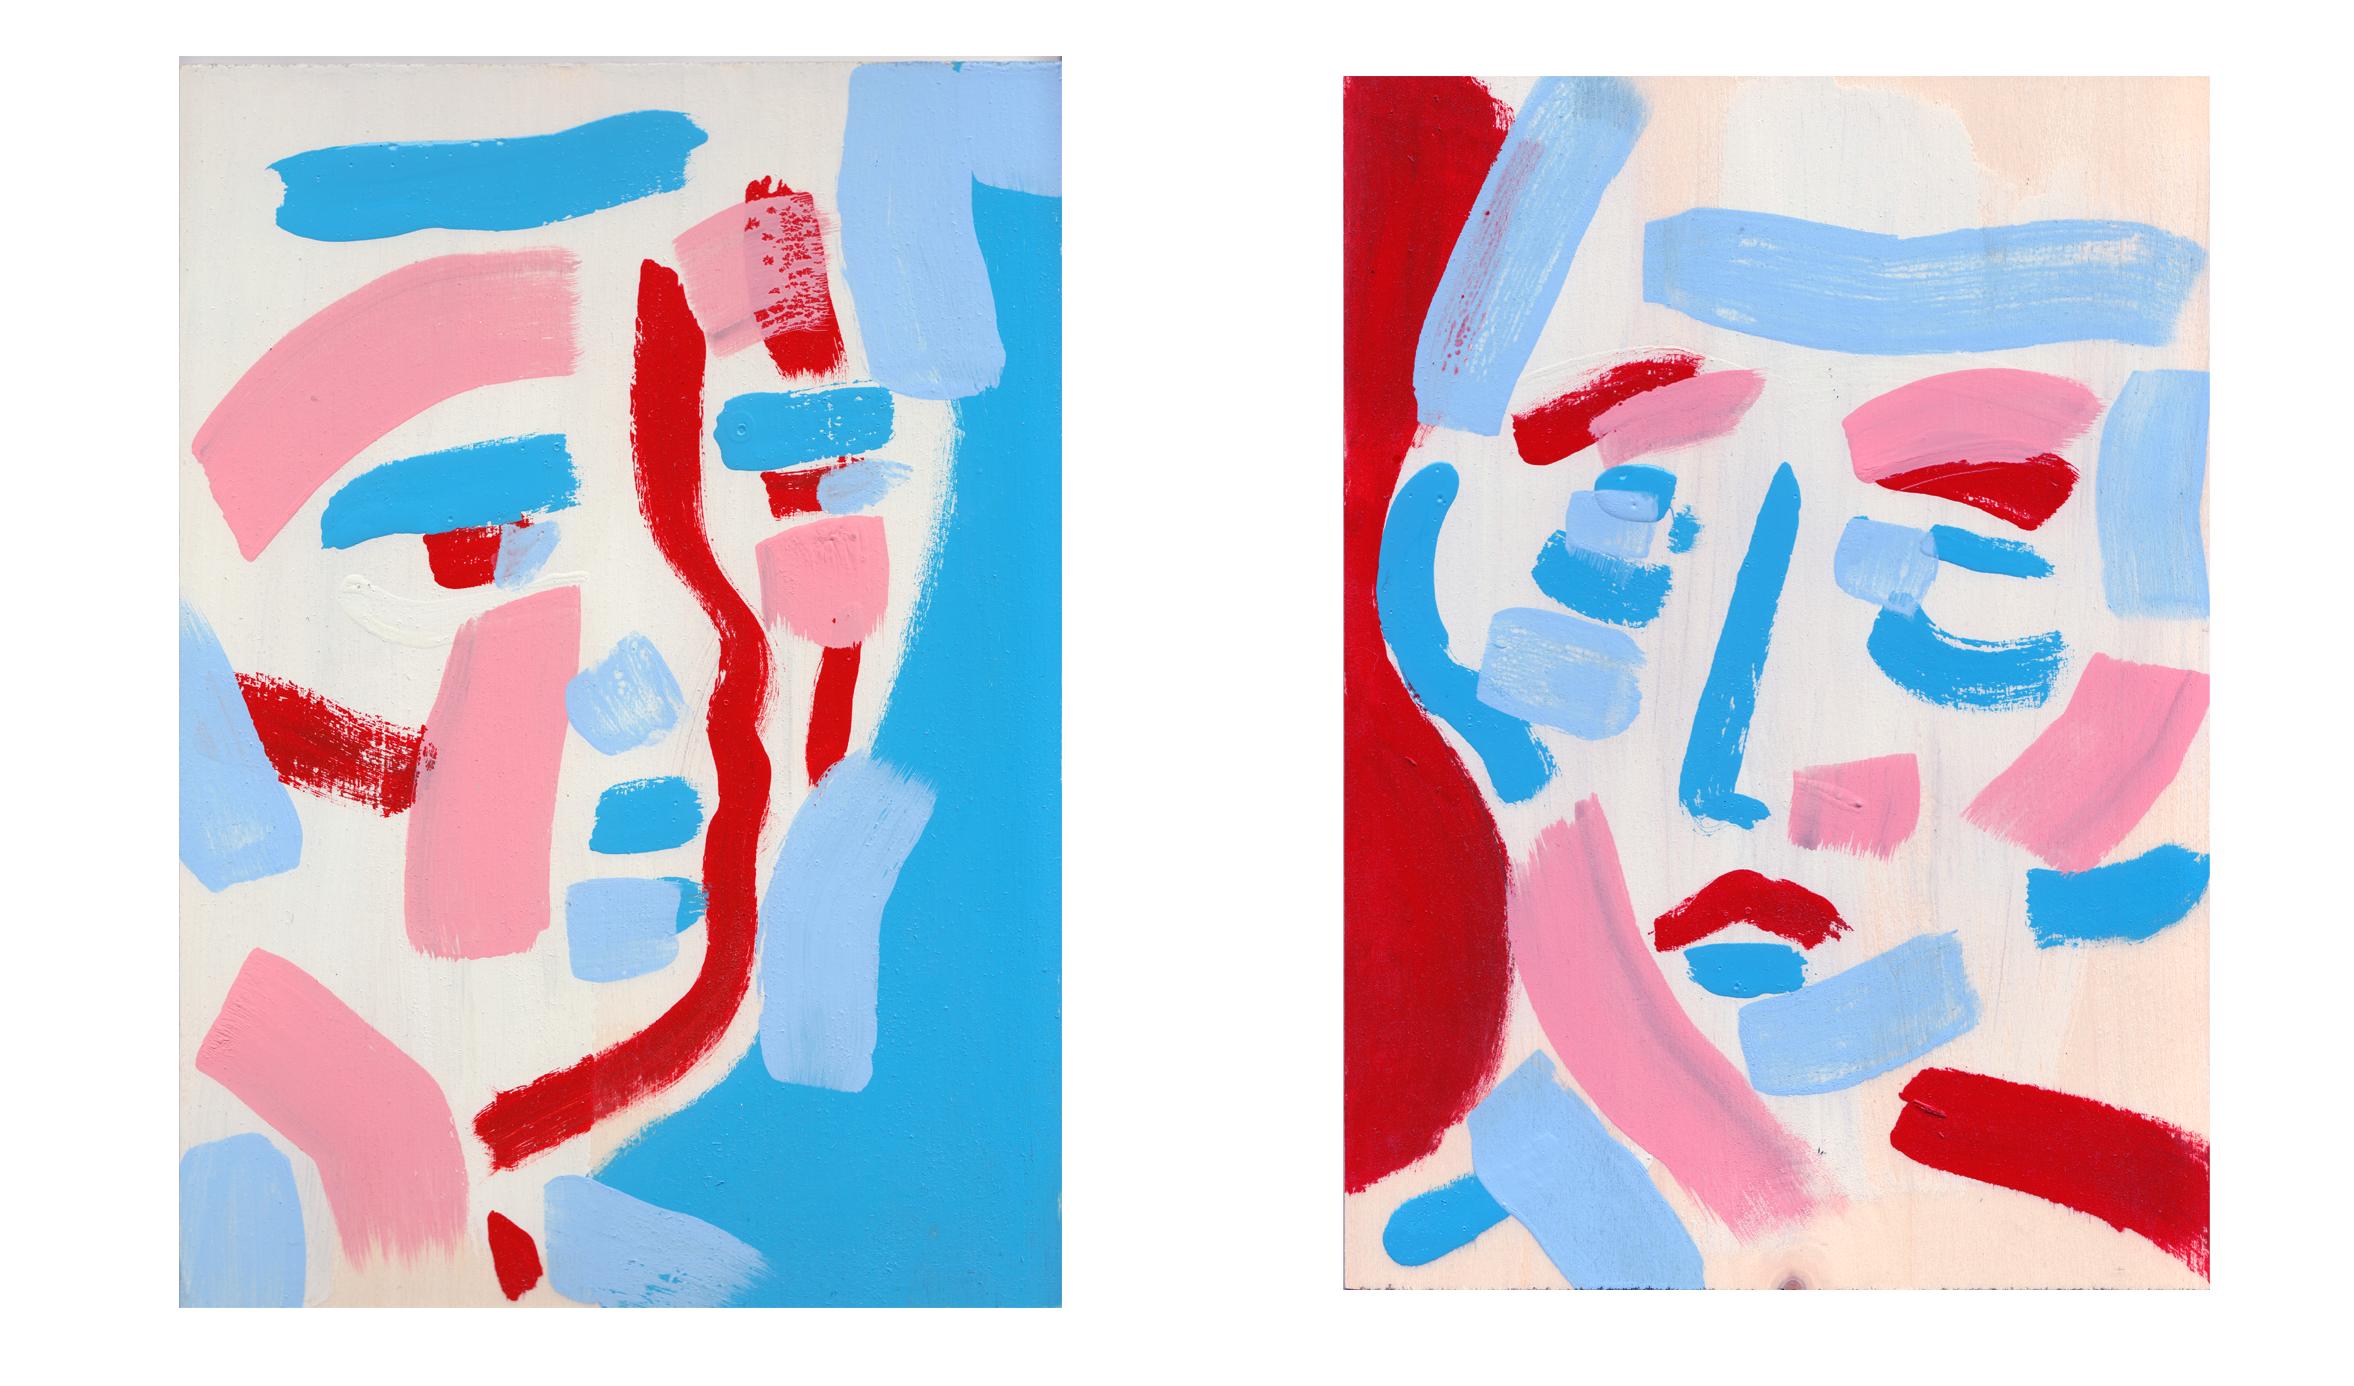 aurelia_lange_conversation-painting.png